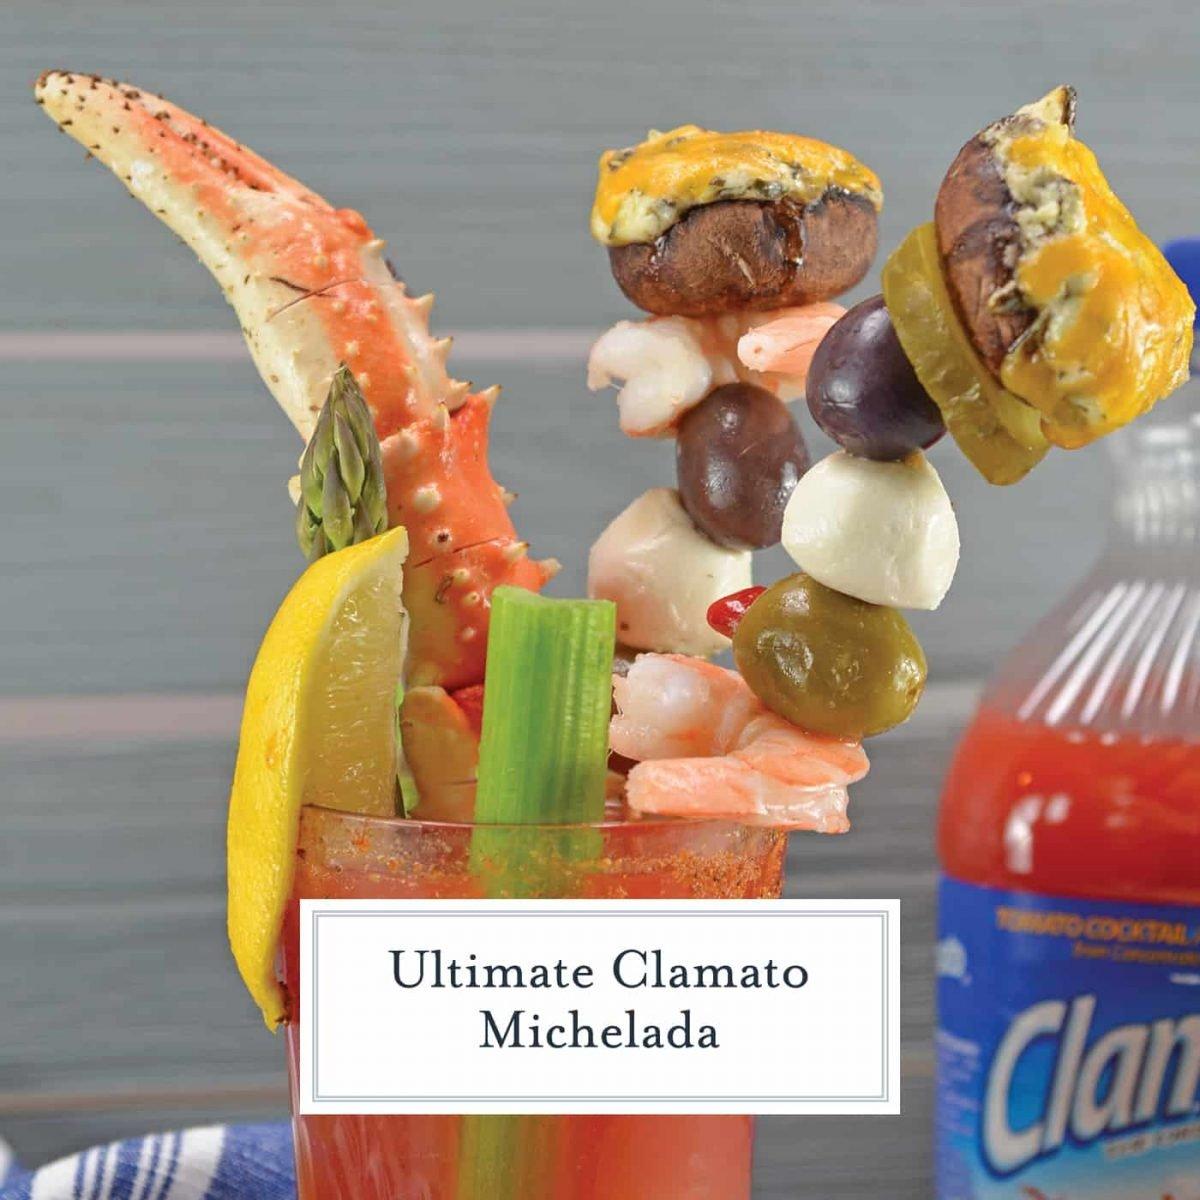 Ultimate Clamato Michelada | The